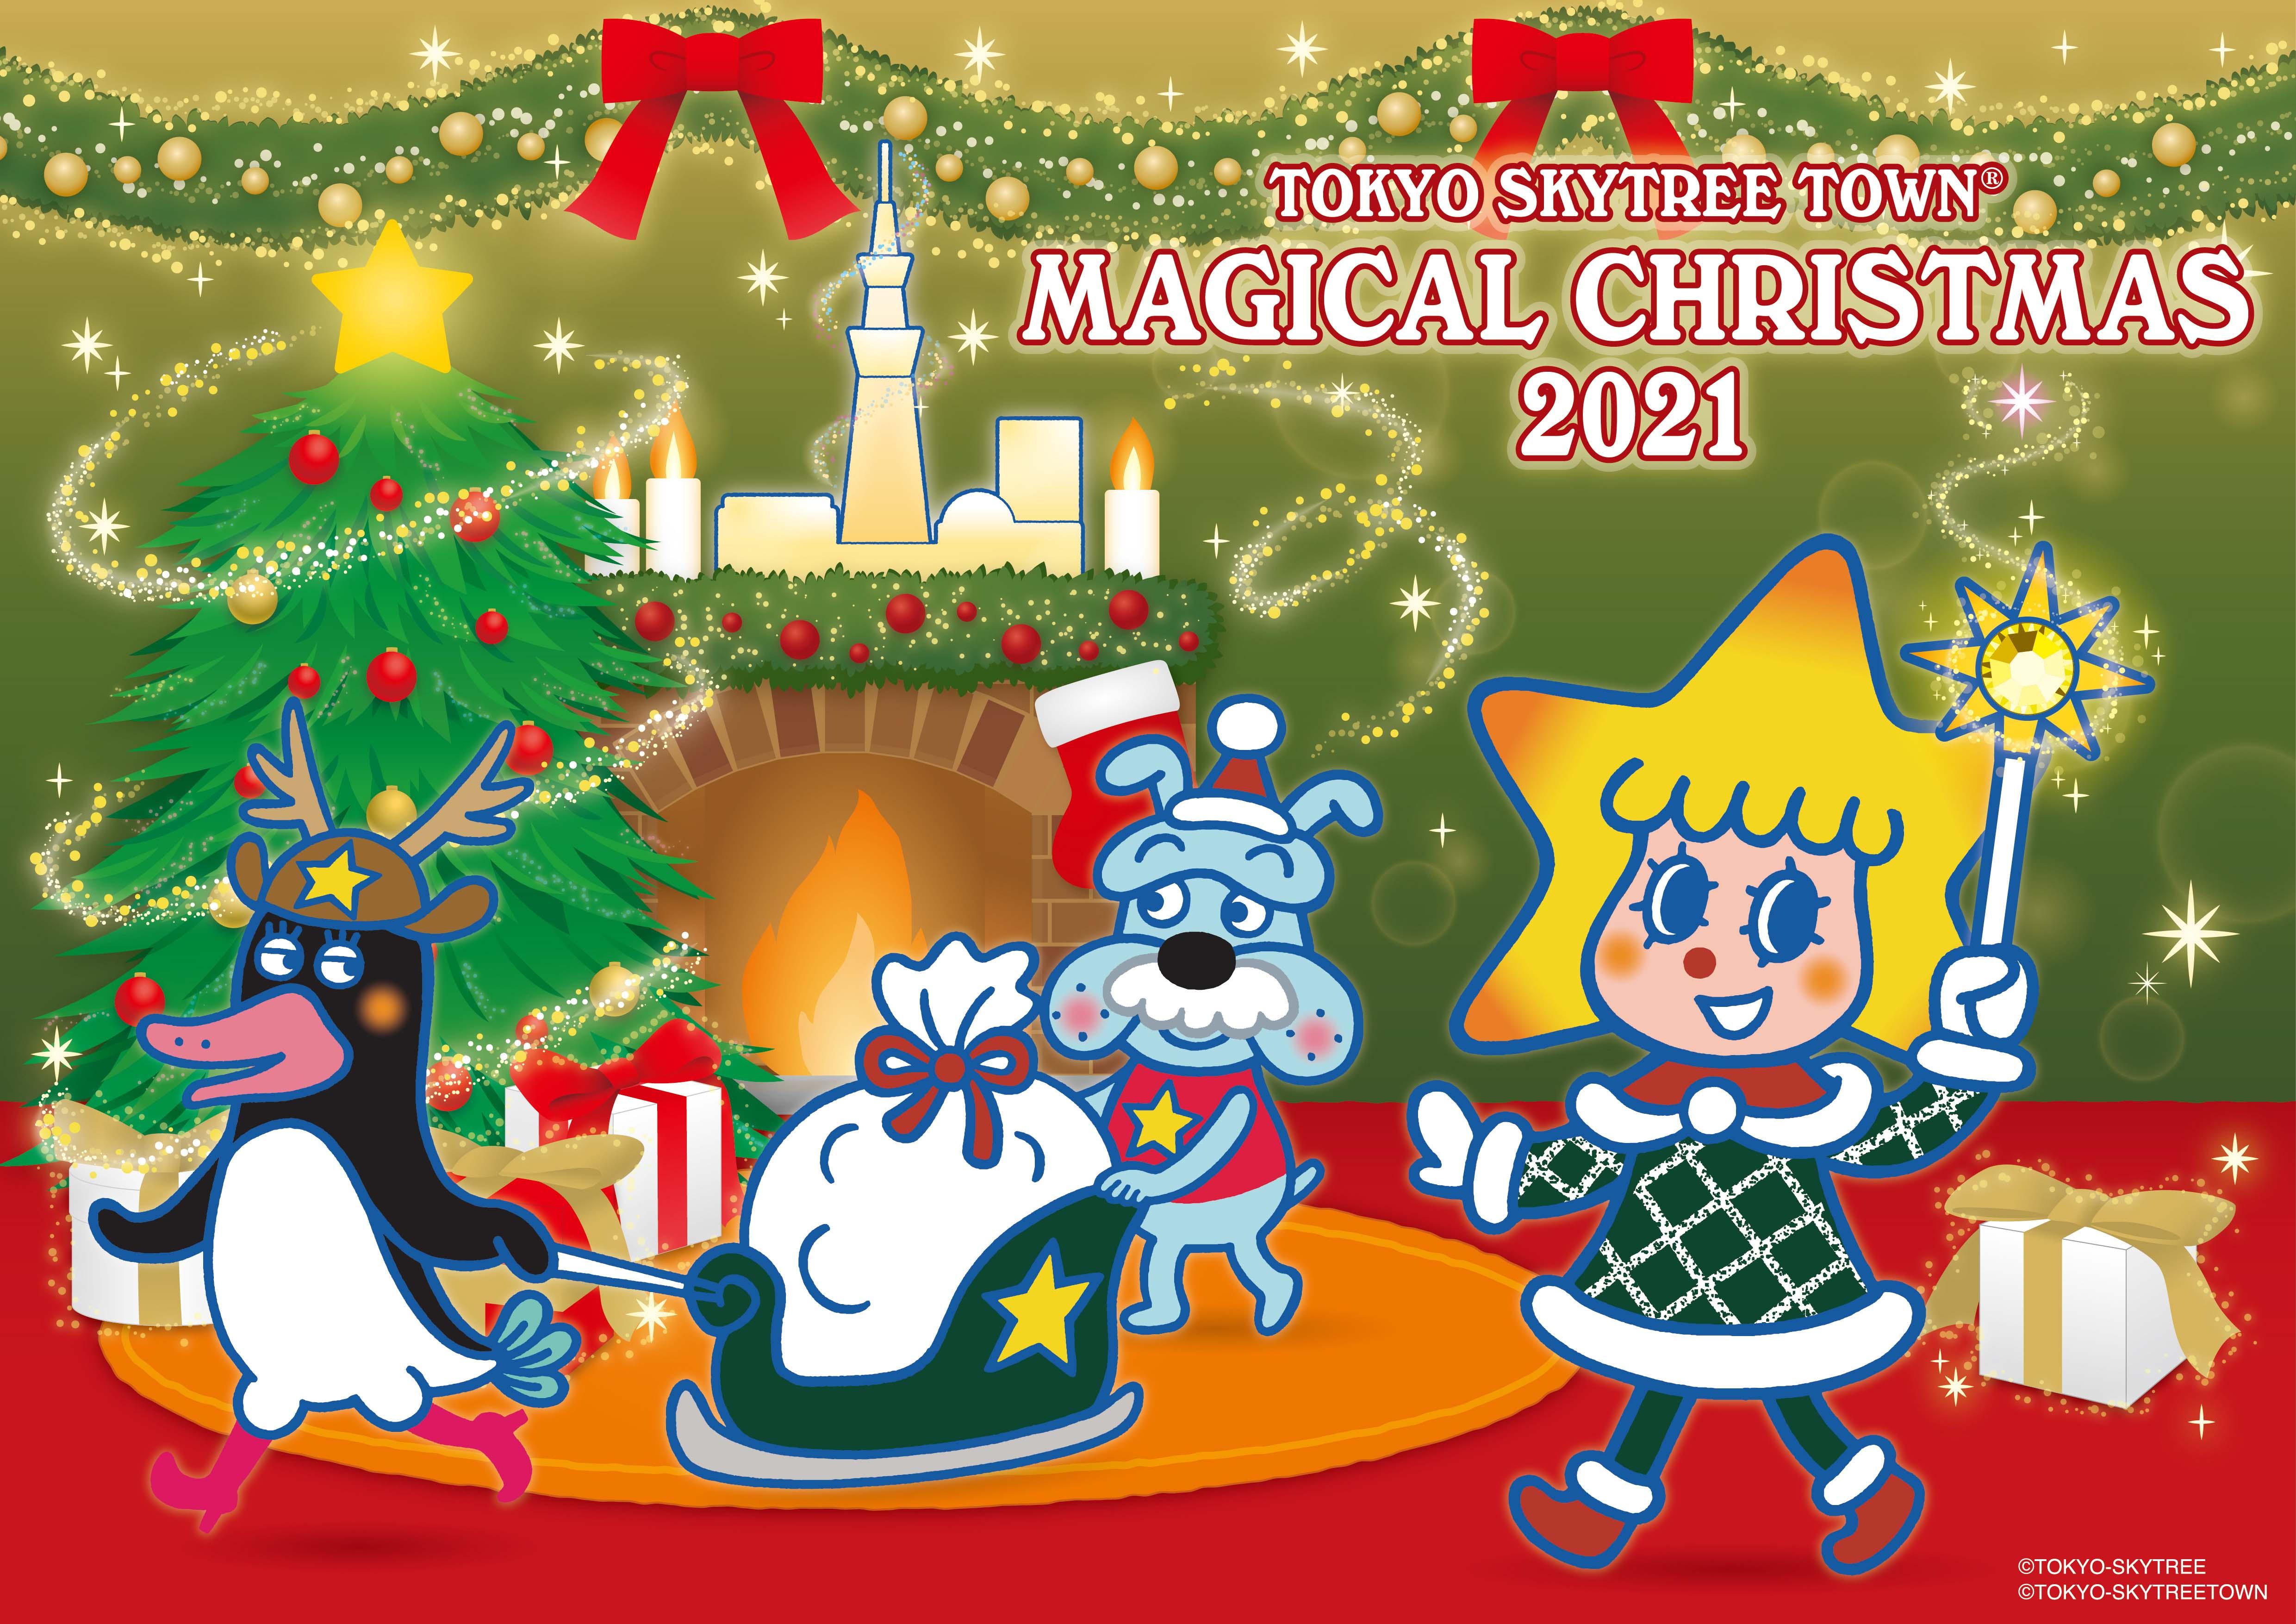 ▲クリスマス限定ライティング「シャンパンツリー」(過去の様子)